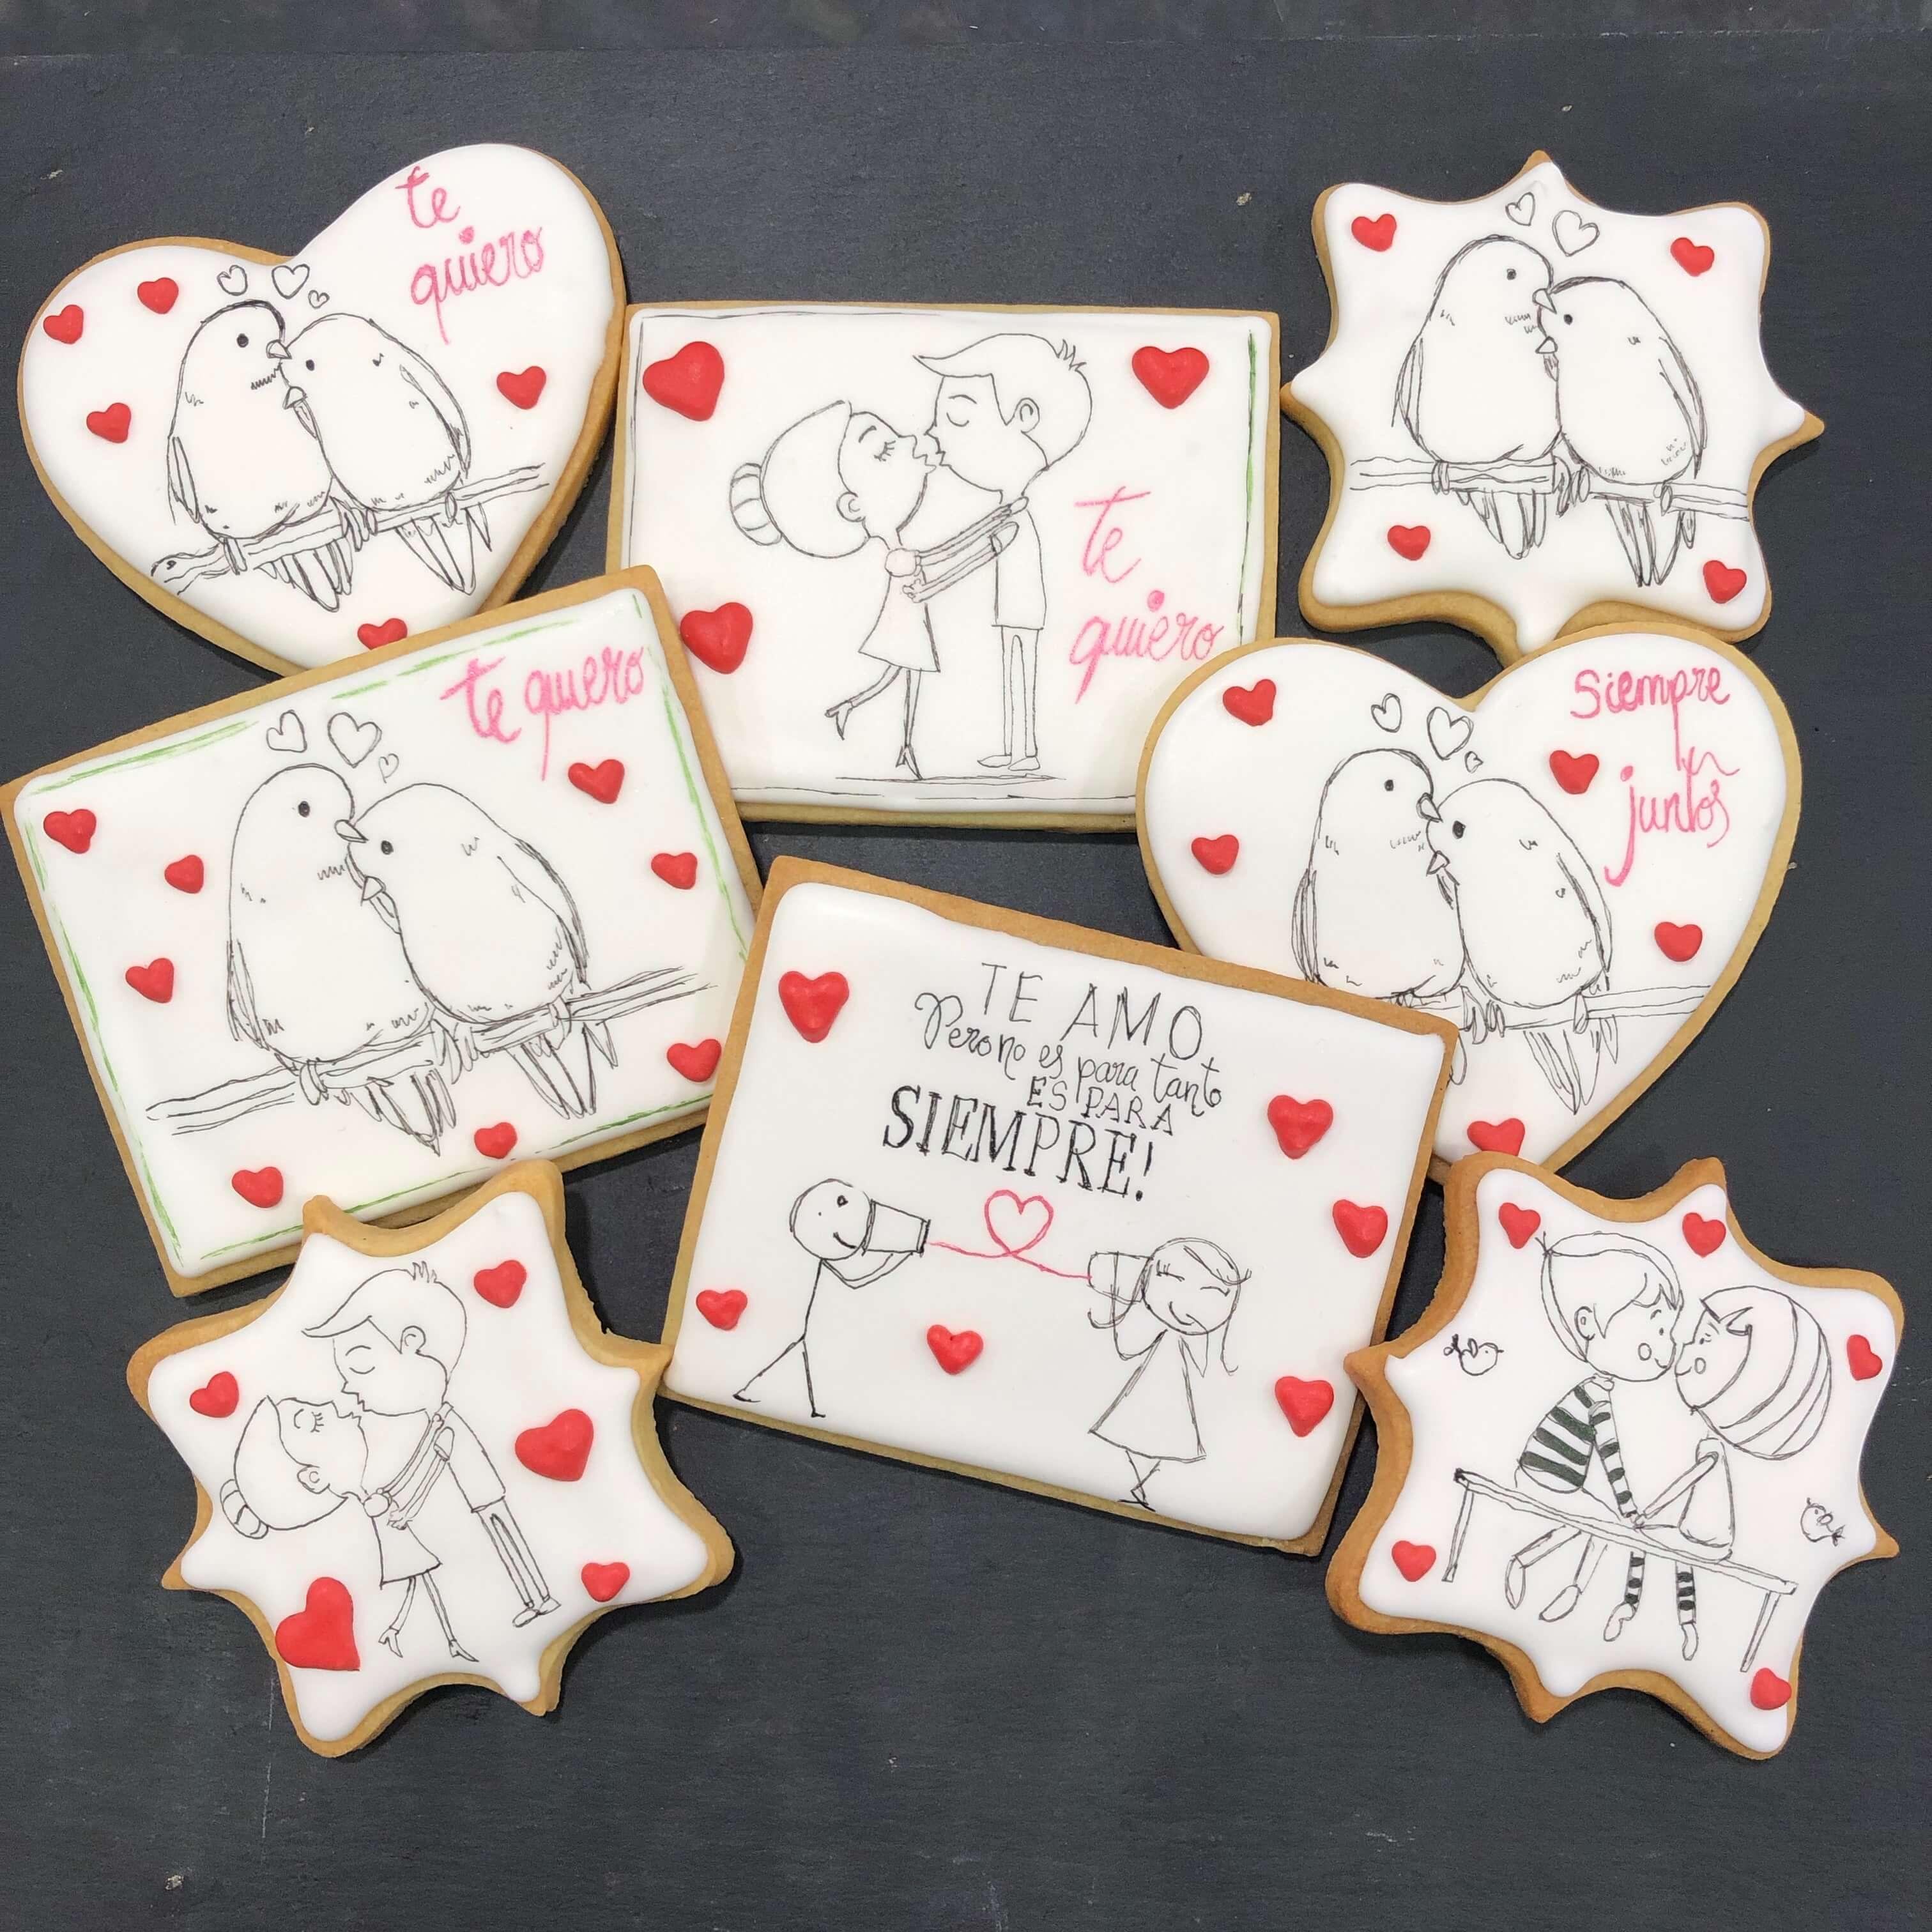 galletas decoradas san Valentín enamorados novios coruña